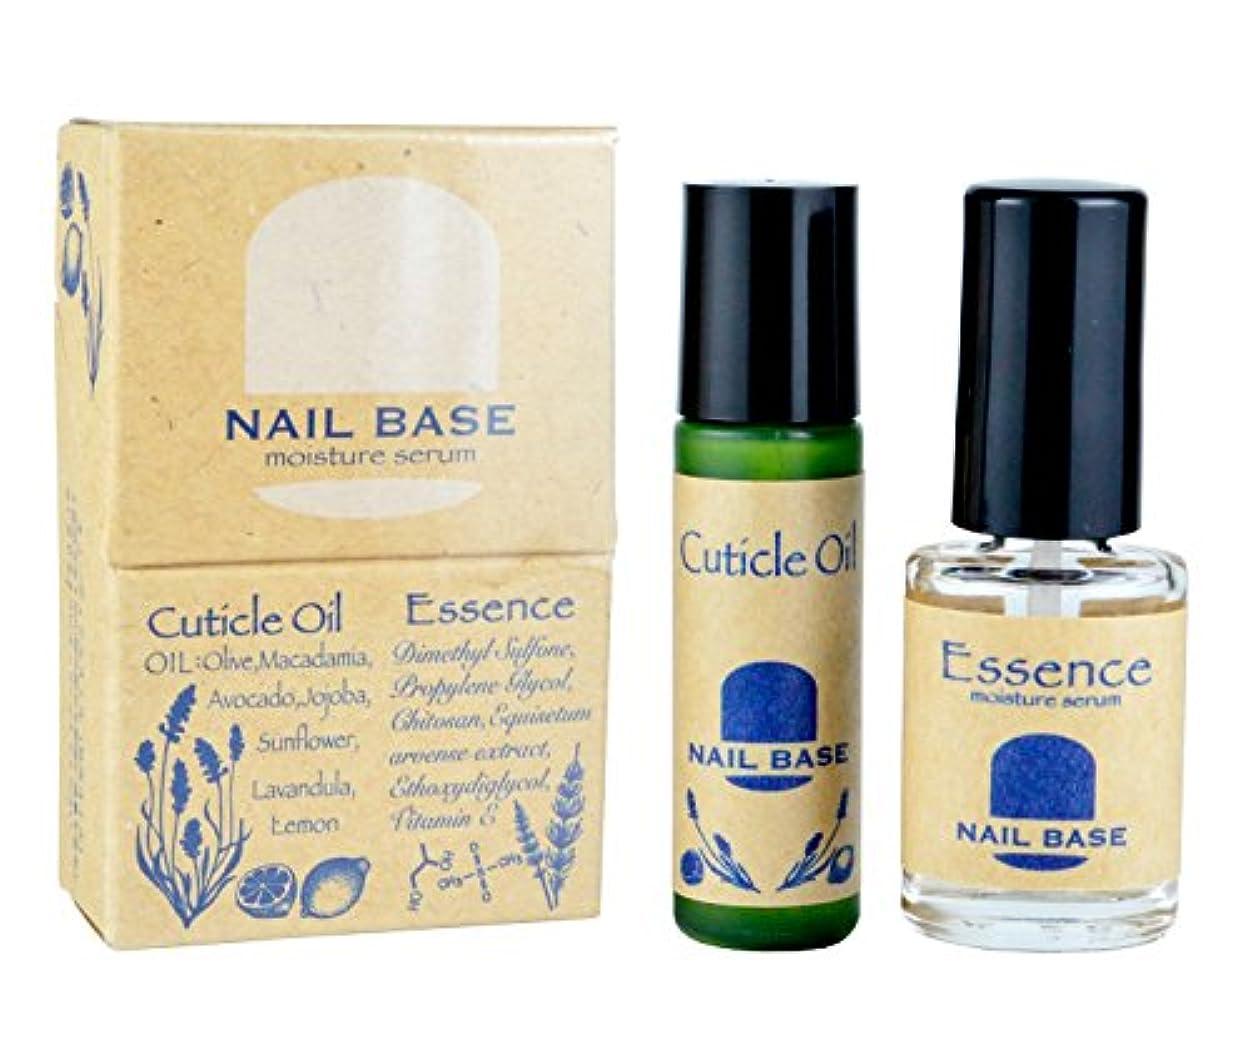 不正シンプルなつまずくNAIL BASE キューティクルオイルと爪の美容液のセット